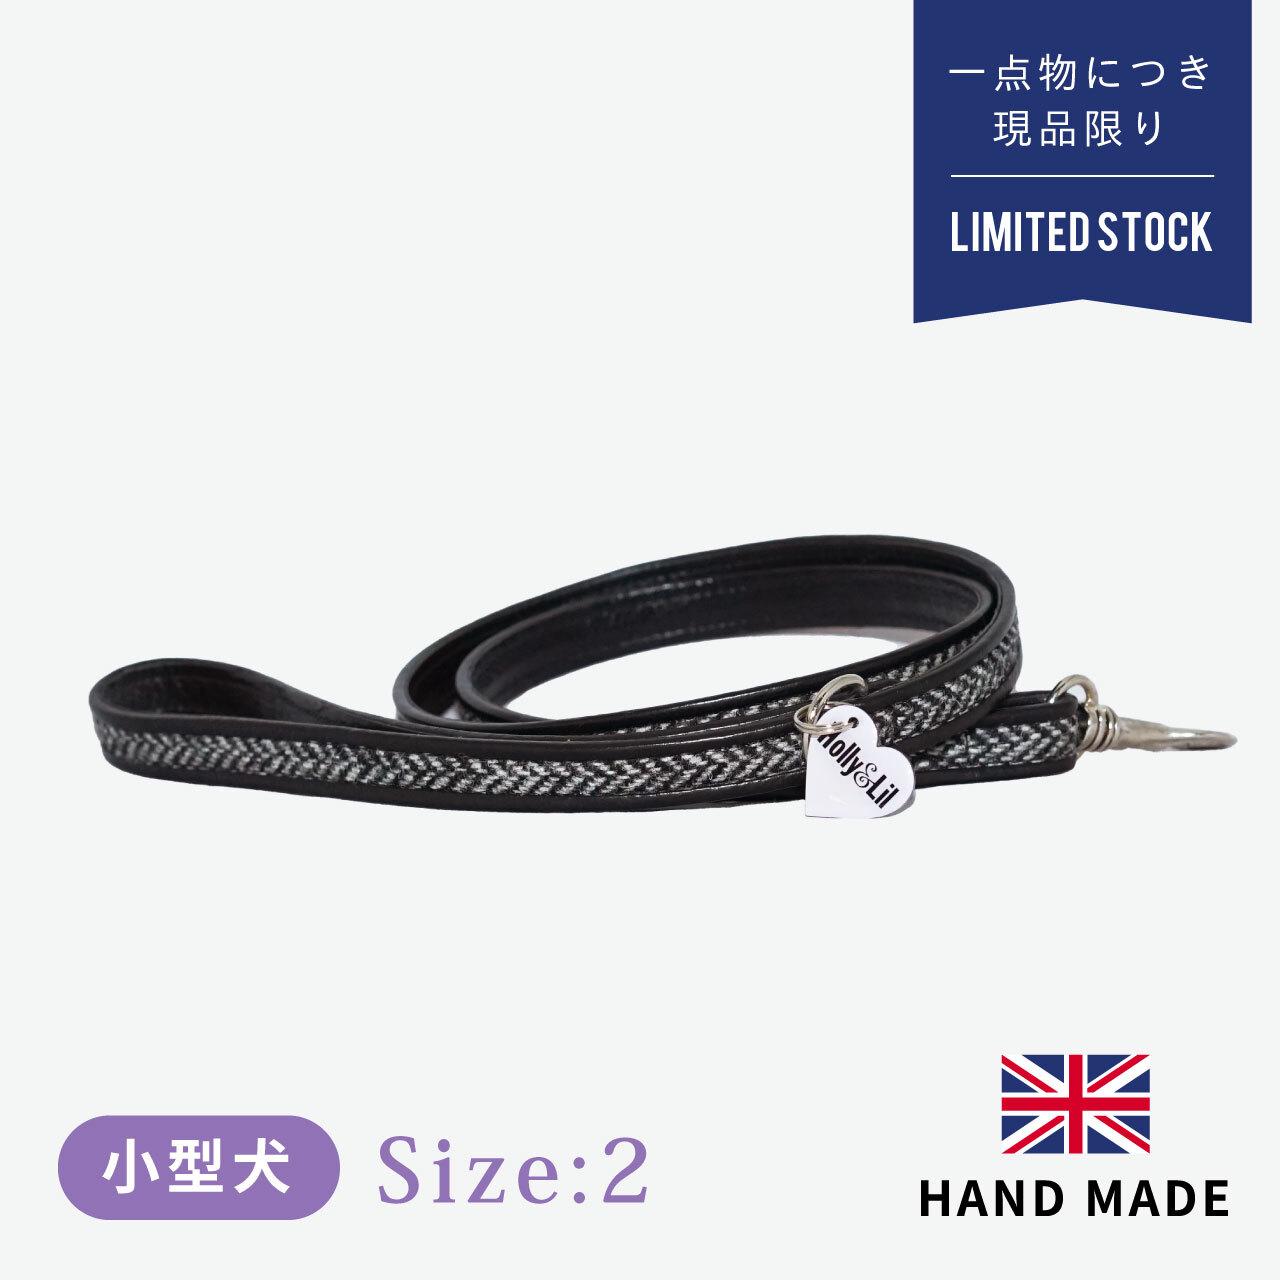 ホリー&リル ハリスツイード ブラックヘリングボーン リード 幅:1.5cm